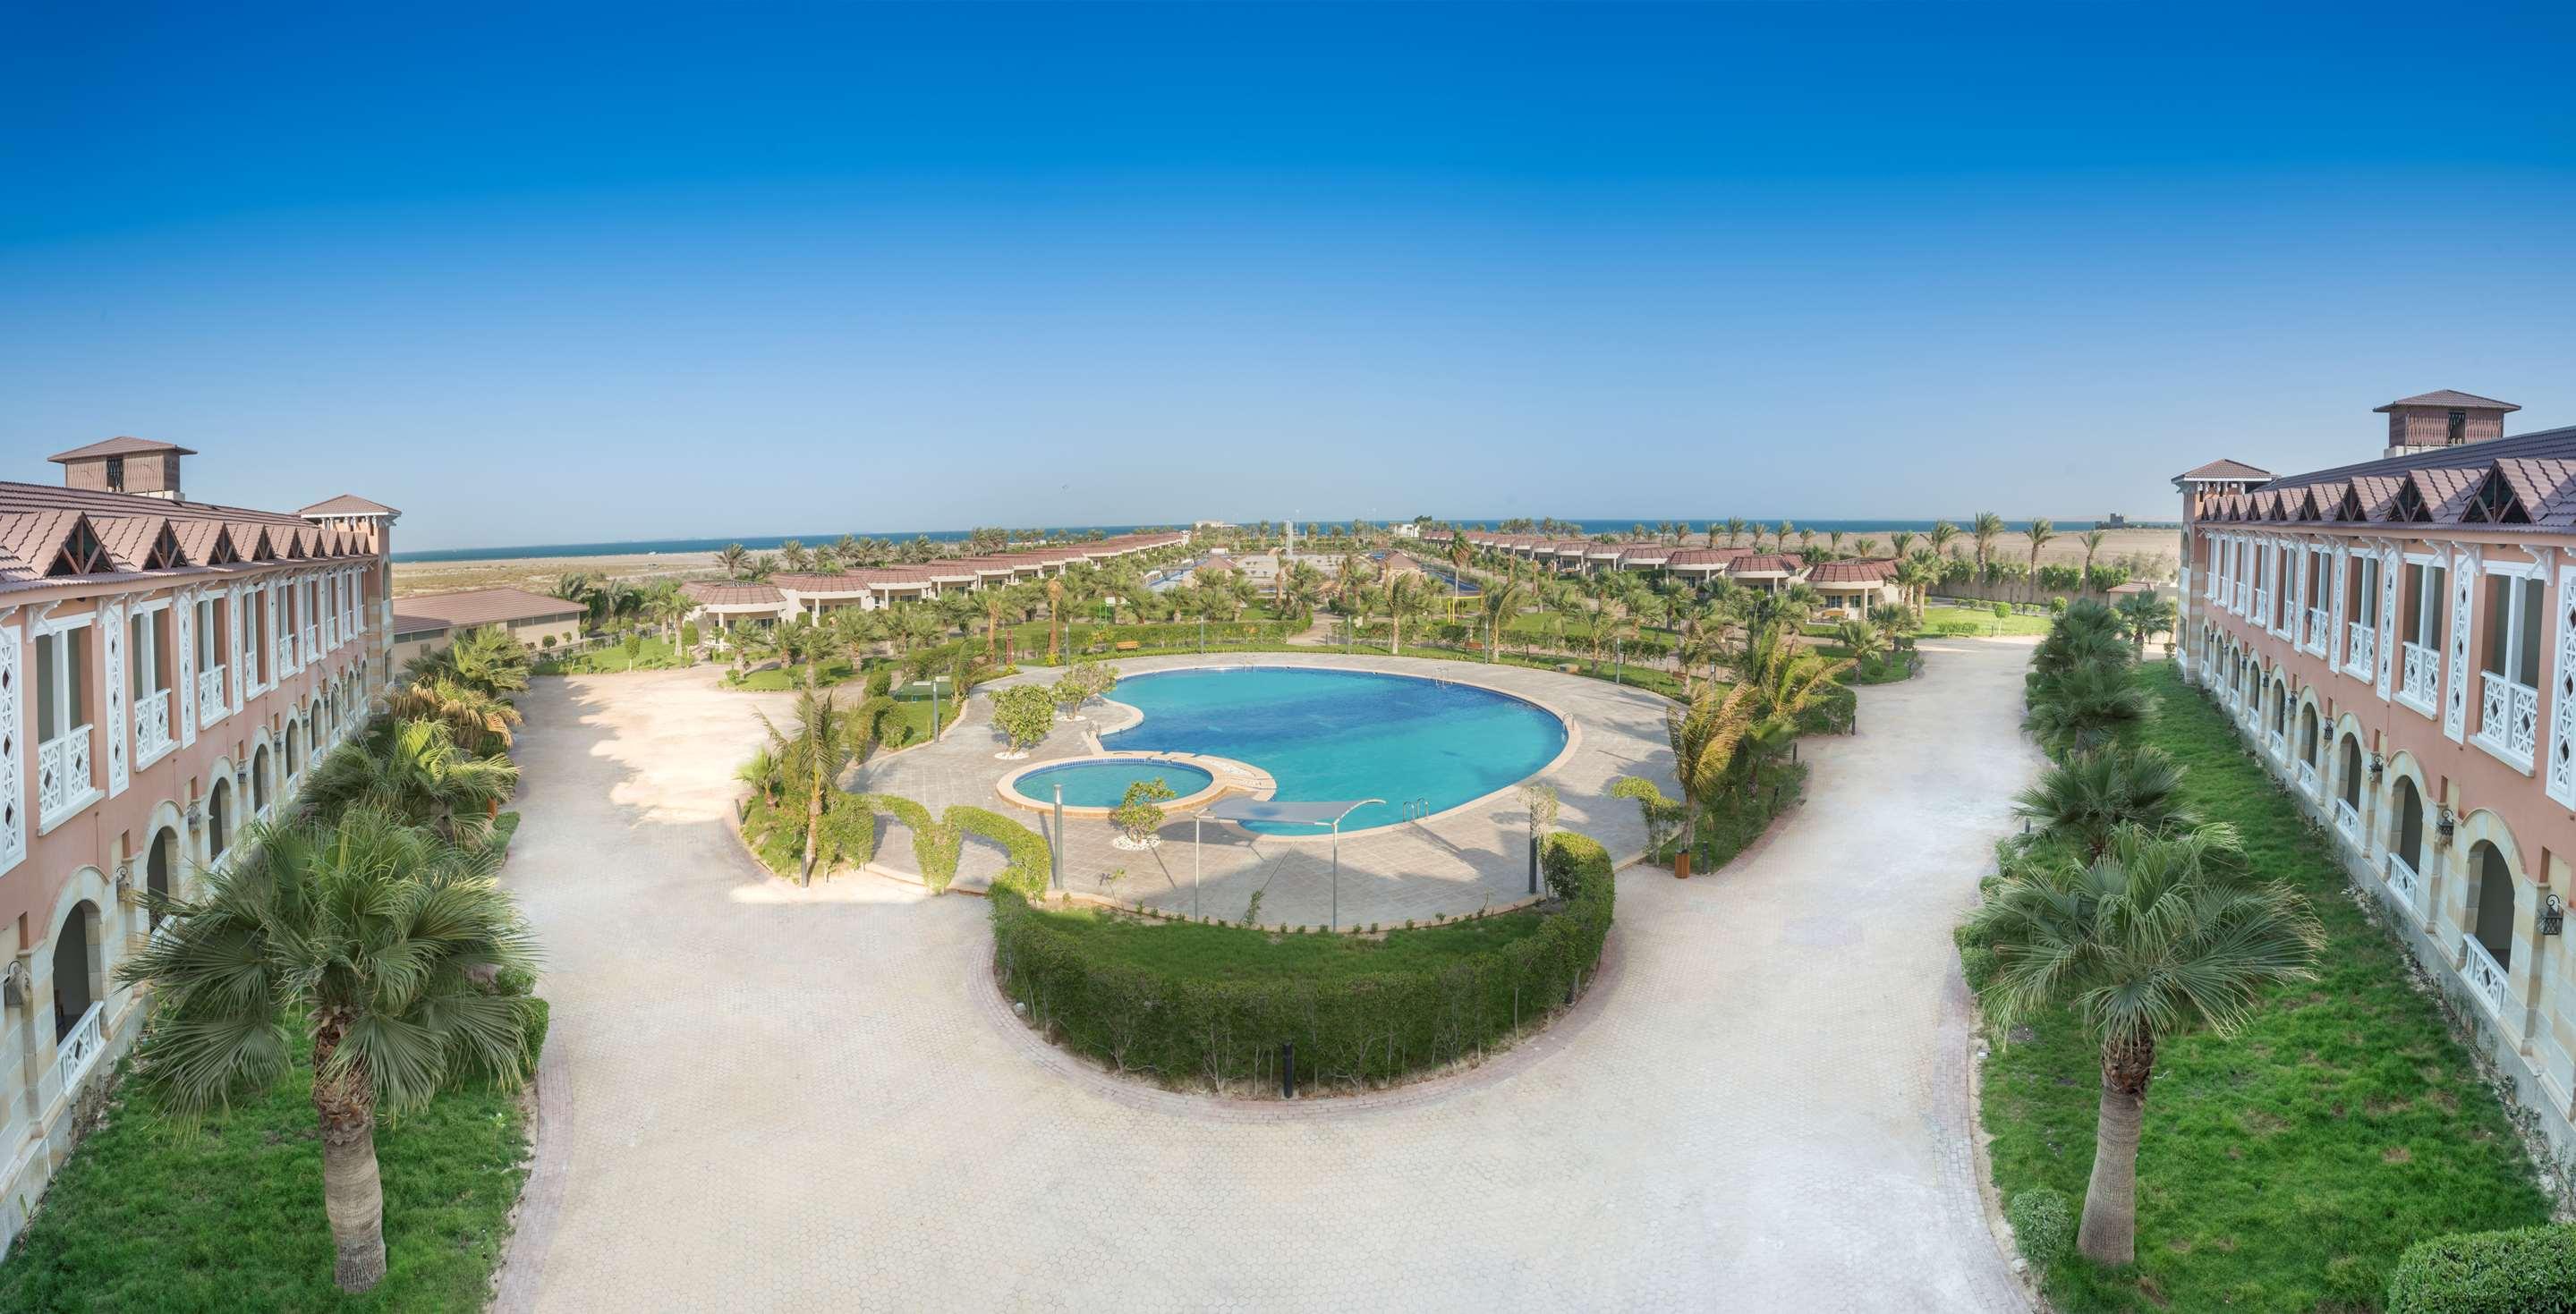 فندق في الخبر منتجع راديسون بلو الخبر شاطئ نصف القمر